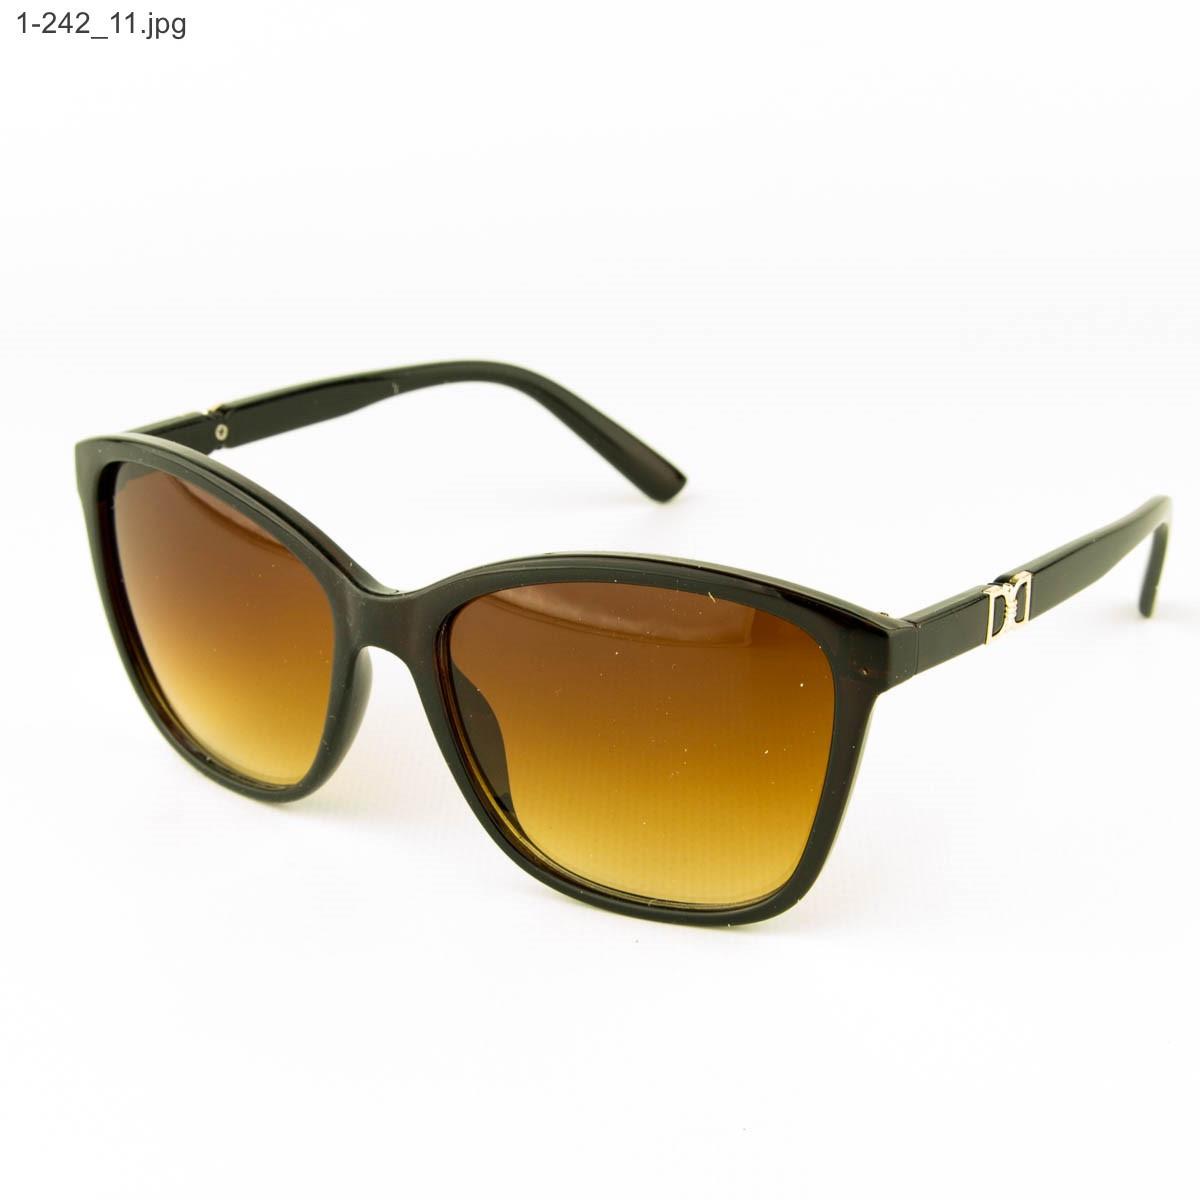 Оптом очки солнцезащитные женские - коричневые- 1-242